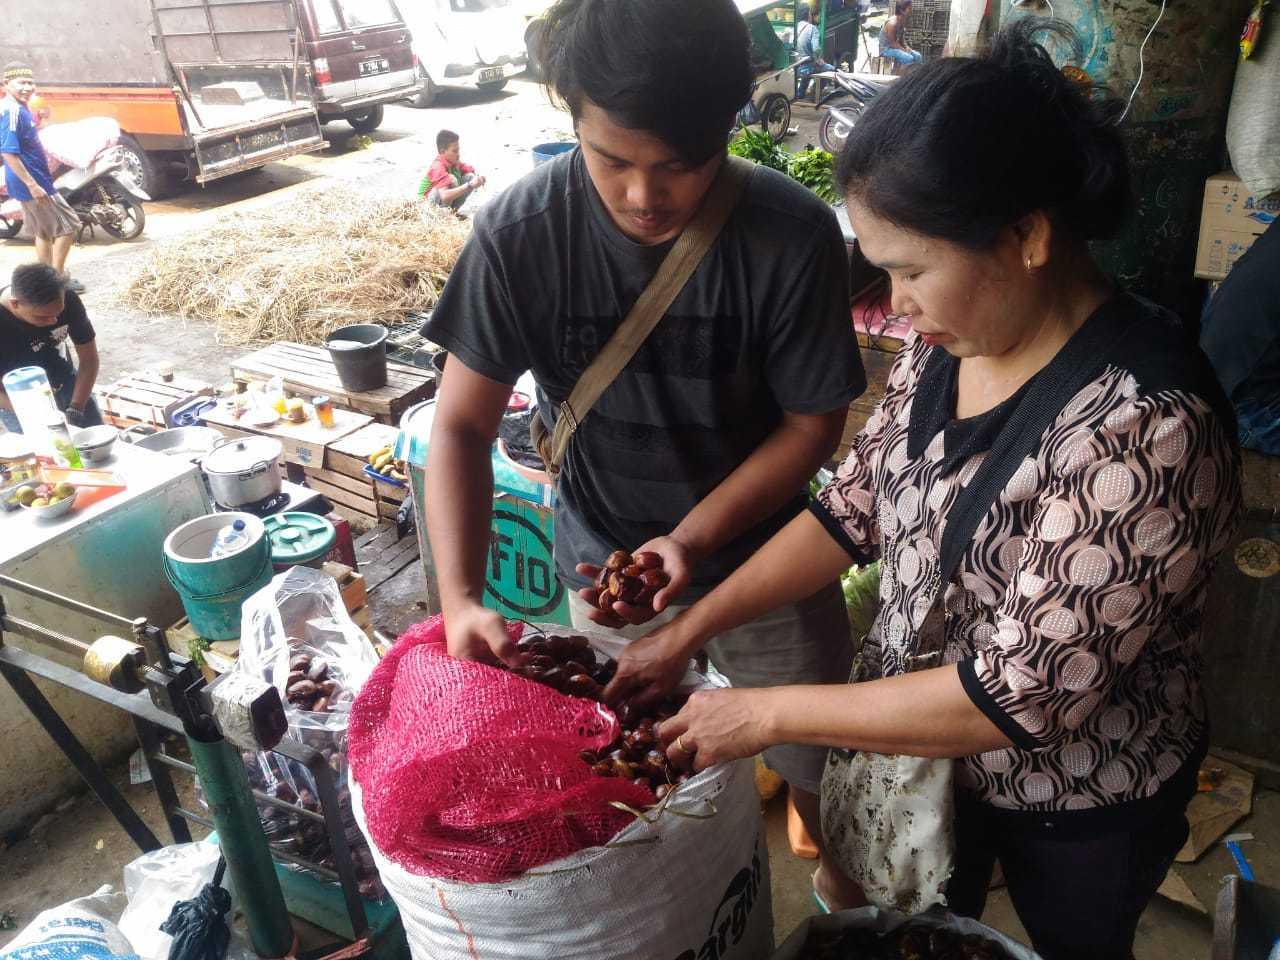 Aktivitas jual-beli jengkol di Pasar Induk Kramat jati, Jakarta Timur beberapa waktu lalu. (Dok. Aryo)